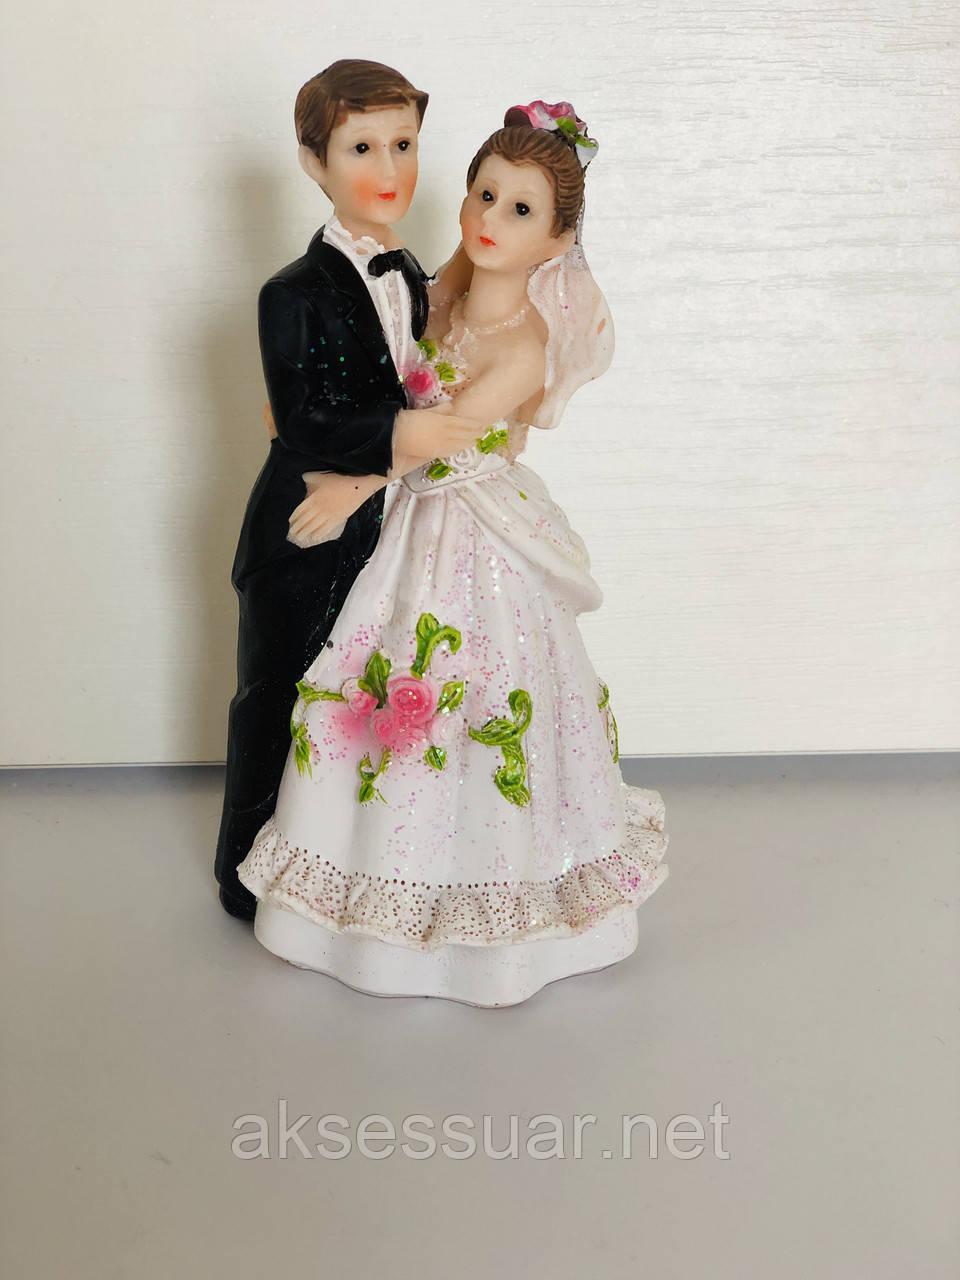 Фігурка на весільний торт Наречений Наречена